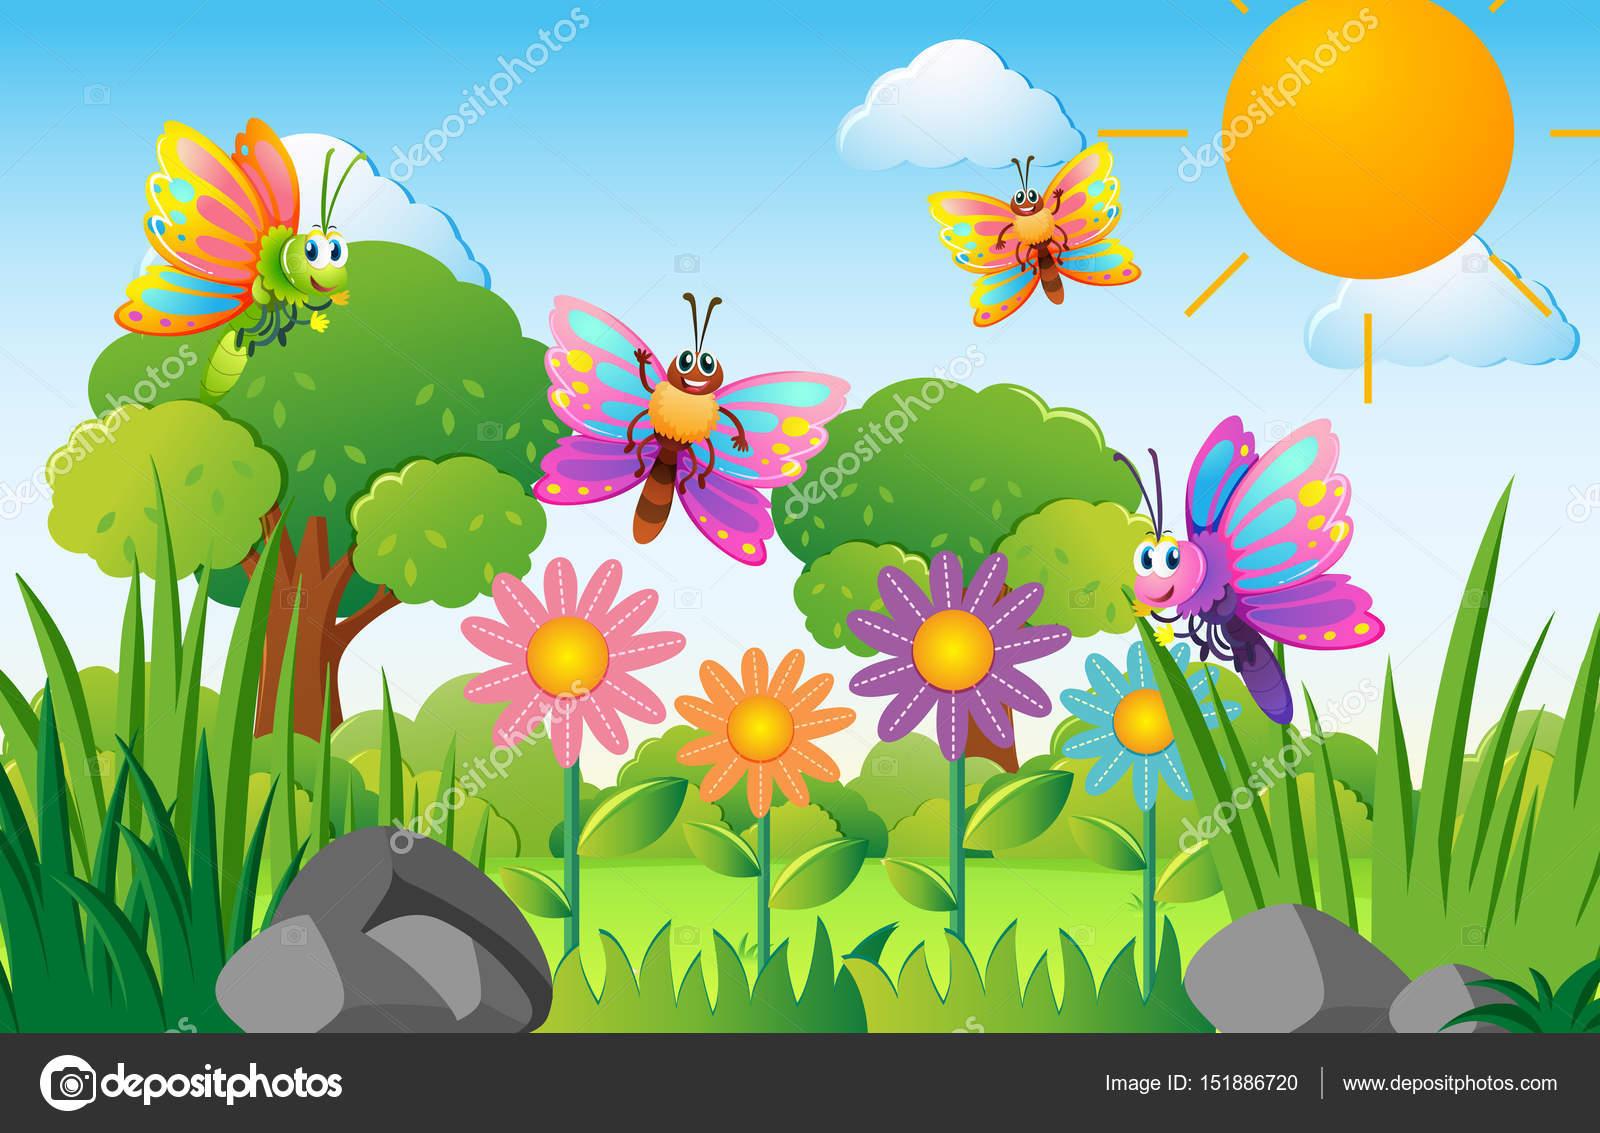 1600x1133 Butterflies Flying In Flower Garden Stock Vector Brgfx 151886720